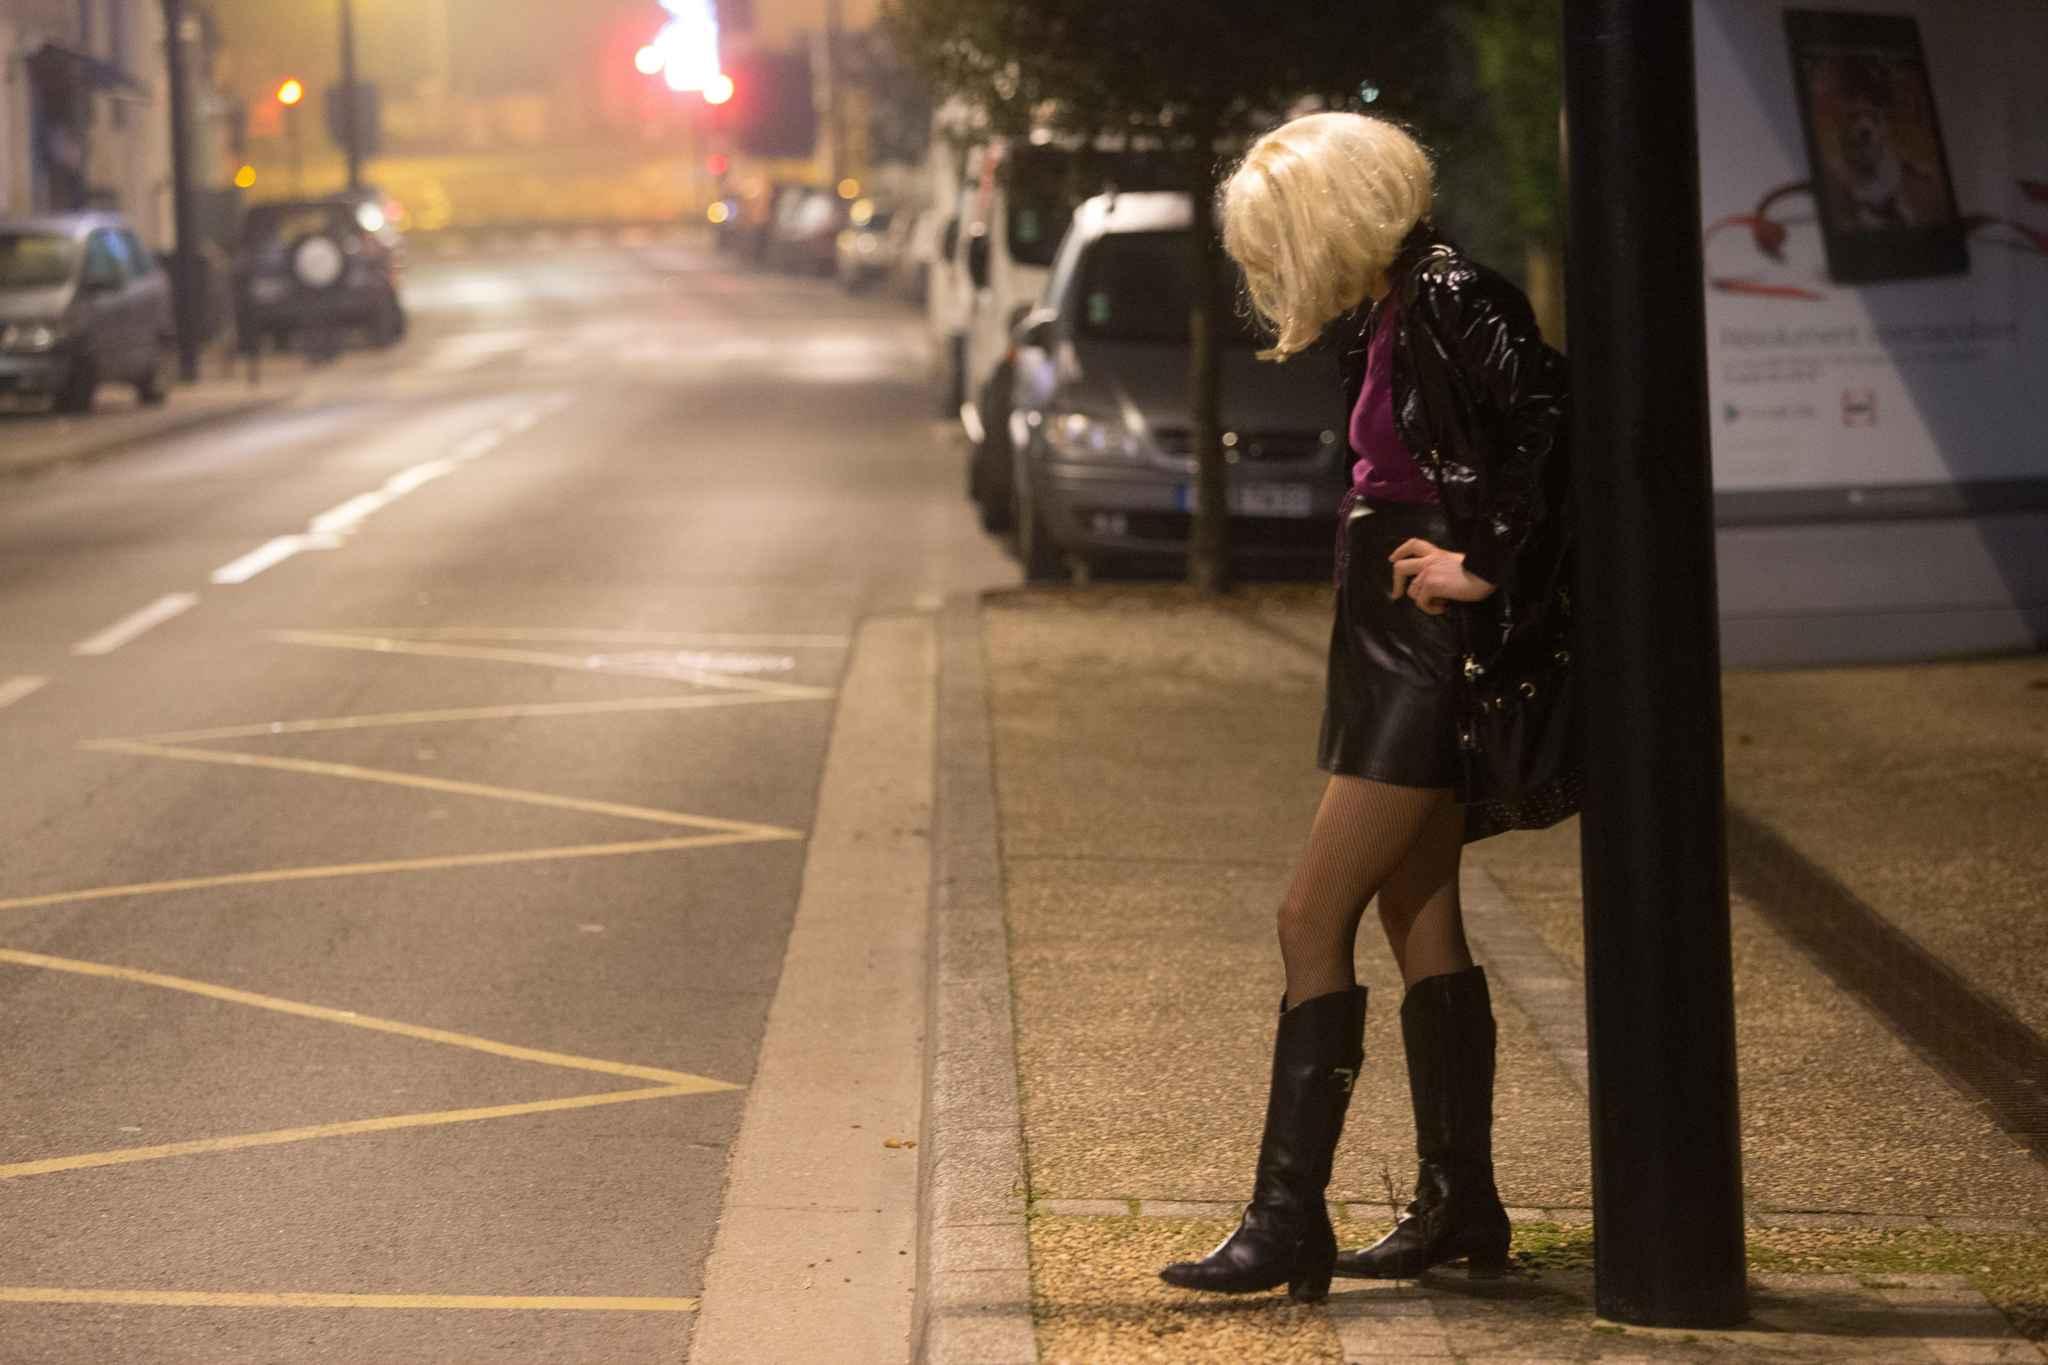 Mst chez les prostituées